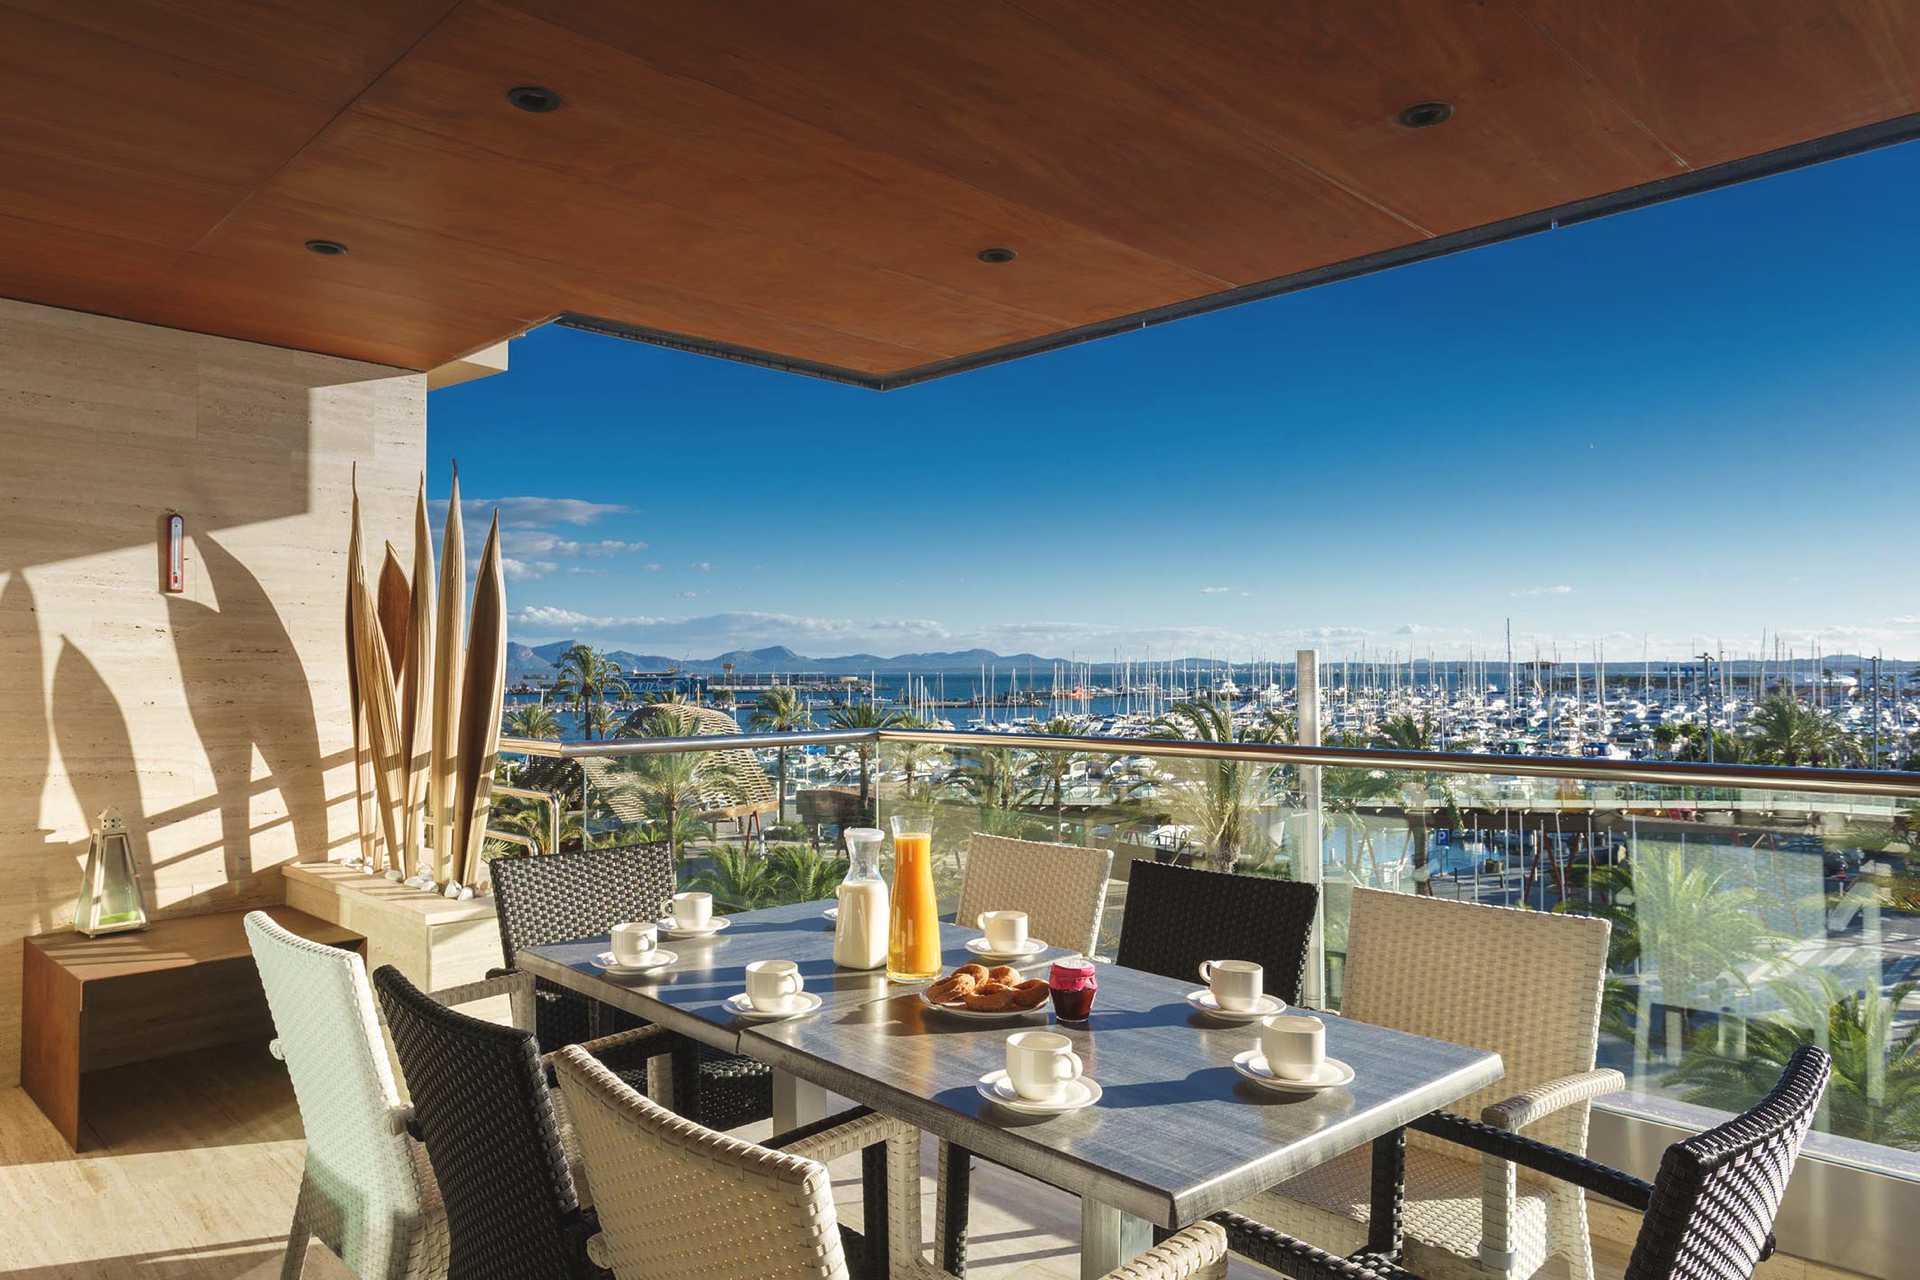 01-291 exclusive apartment Mallorca north Bild 3